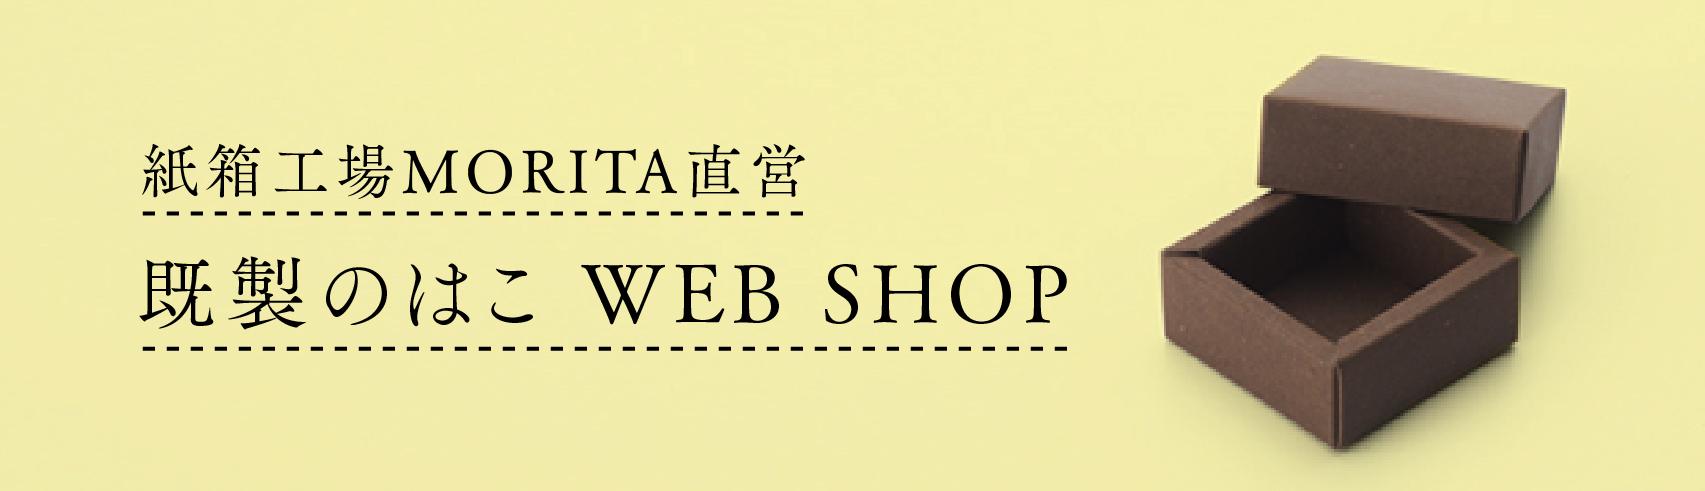 紙箱工場MORITA直営 既製のはこ WEB SHOP